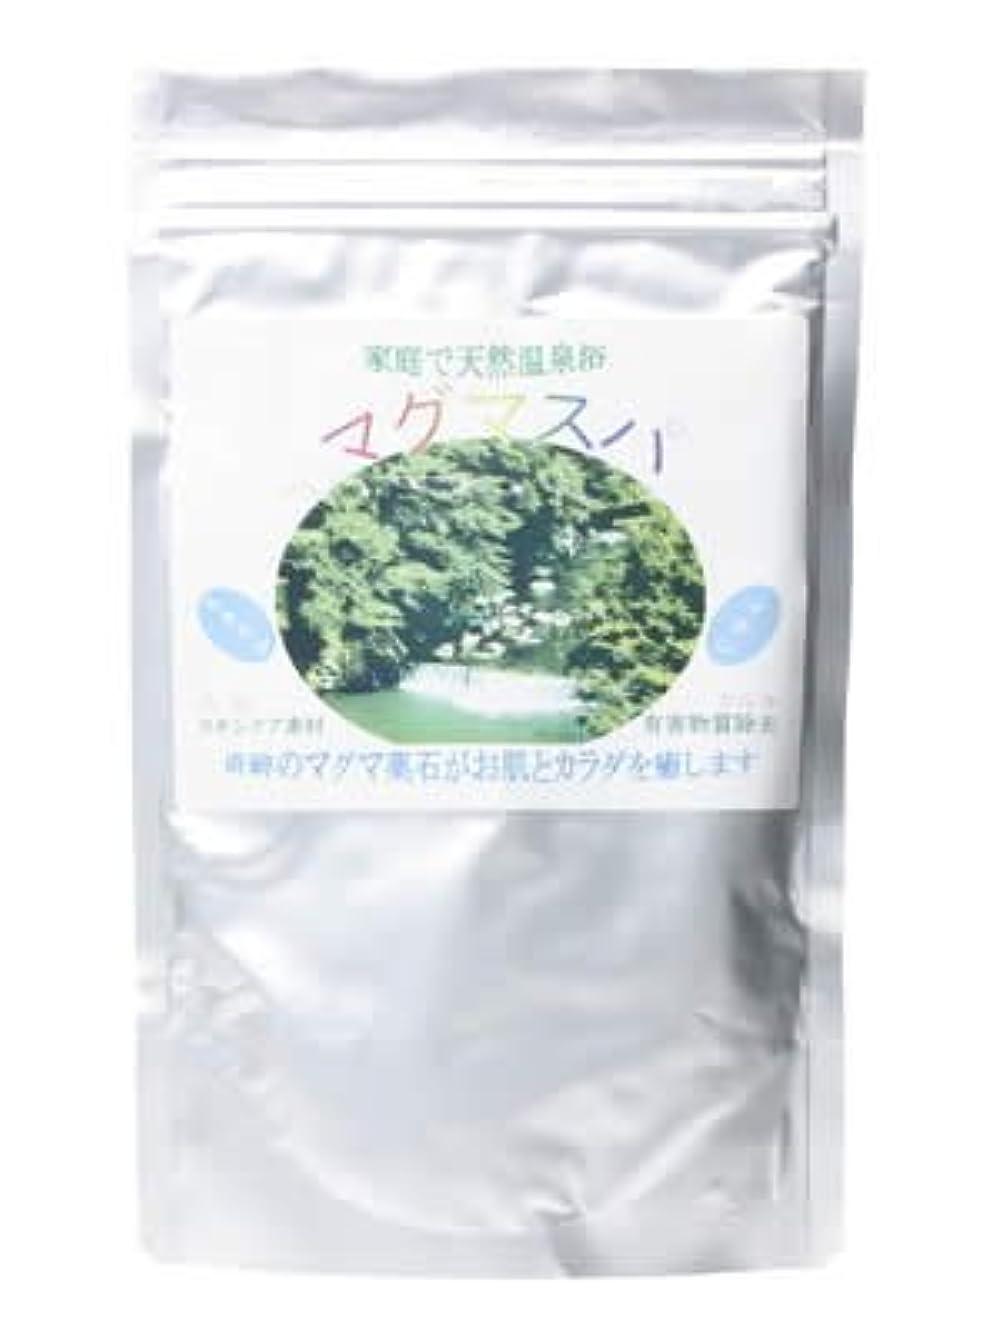 サイクロプスフィドルカセット天然薬石入浴剤マグマスパ 360g